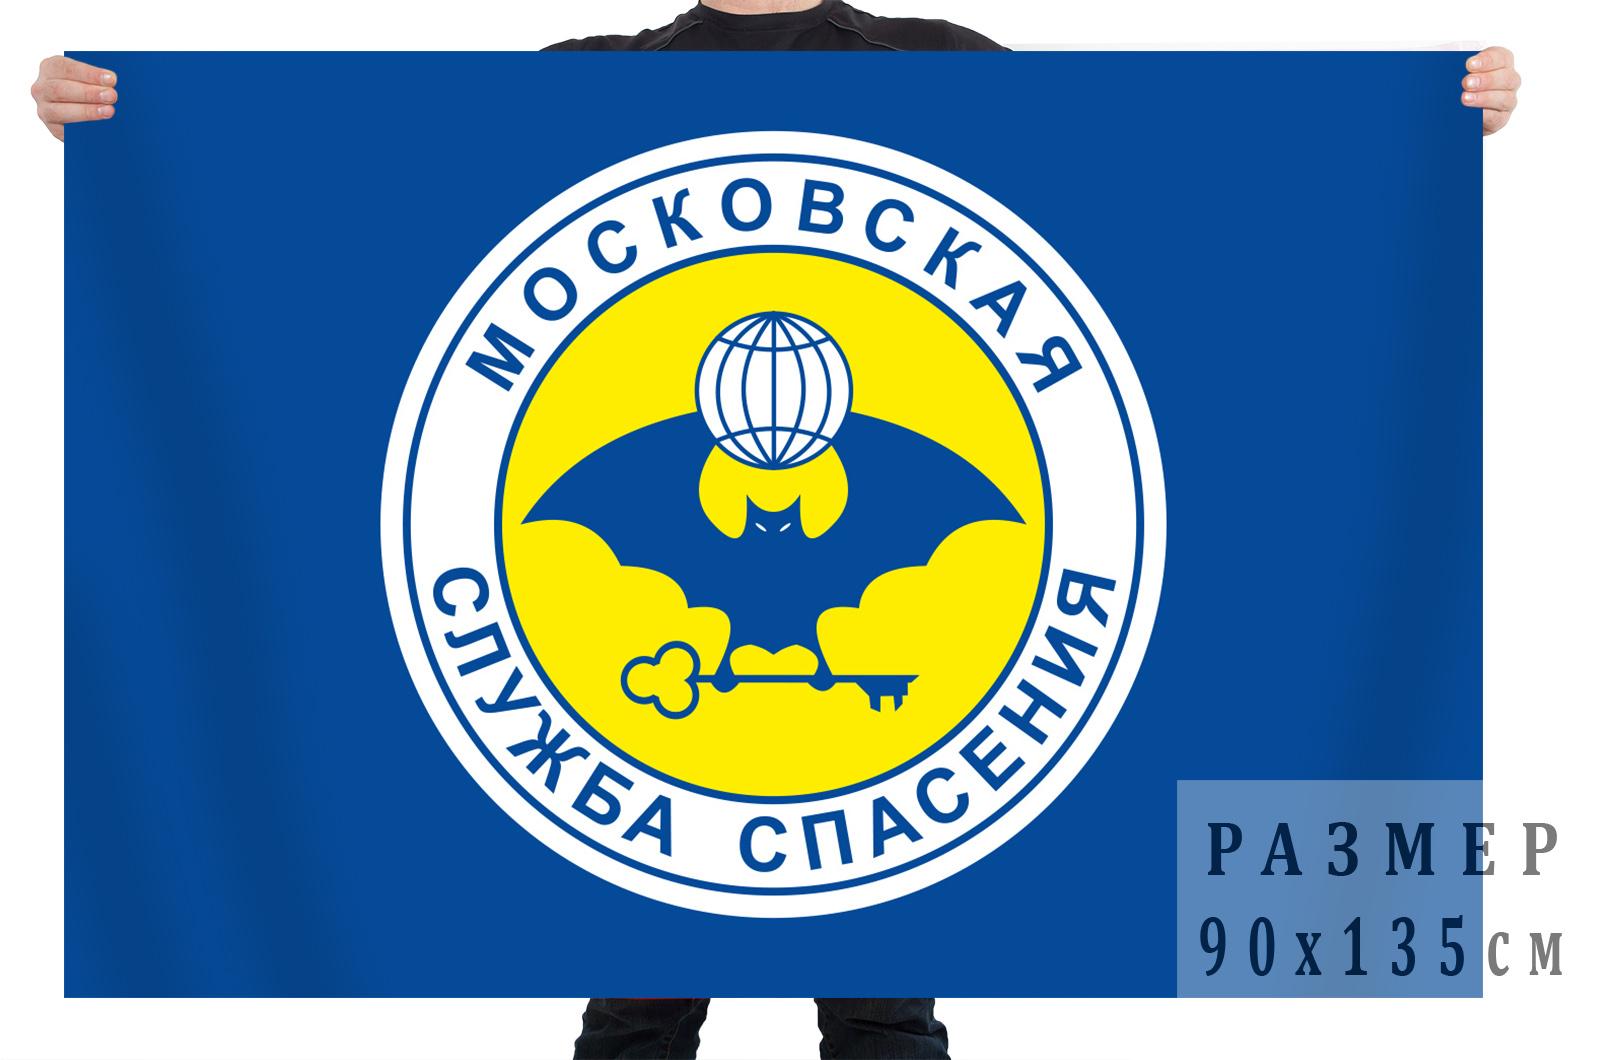 Флаг Московской службы спасения